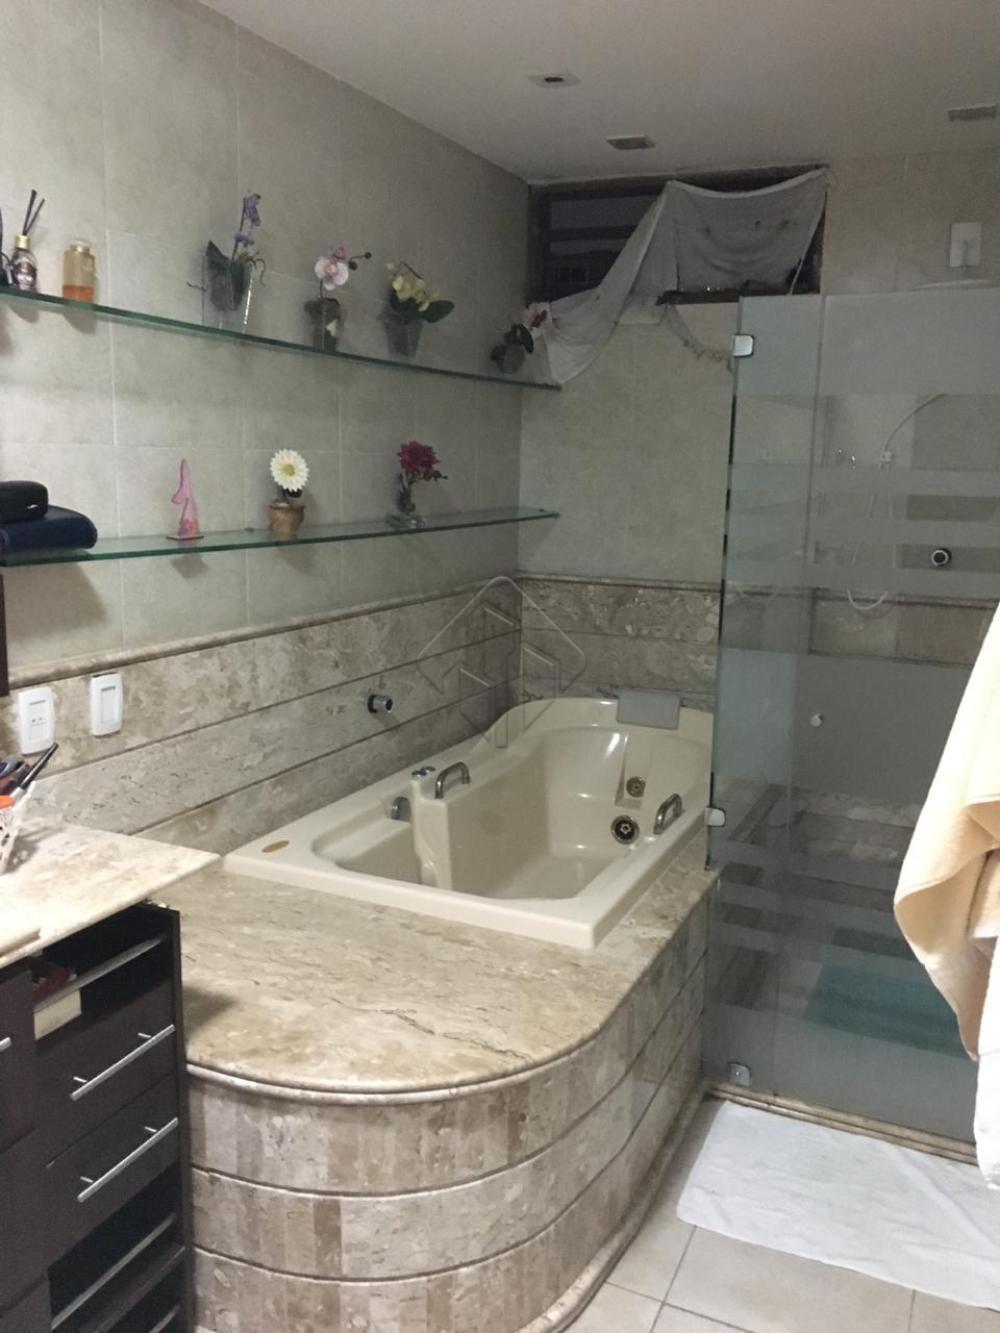 Características: * 3 Quartos * 2 suítes (sendo 1 banheiro com hidromassagem); * 4 salas (sendo 1 sala de vinhos / TV); * Escritório; * Banheiro social; * 1 Banheira de hidromassagem (espaço reservado); * Cozinha com despensa; * Área de serviço; * Varanda; * 6 vagas de garagem; * Armários projetados; * Área de serviço; * Piscina com banheiro exclusivo; * Churrasqueira * Área total de 540m²  AGENDE AGORA SUA VISITA TEIXEIRA DE CARVALHO IMOBILIÁRIA CRECI 304J - (83) 2106-4545